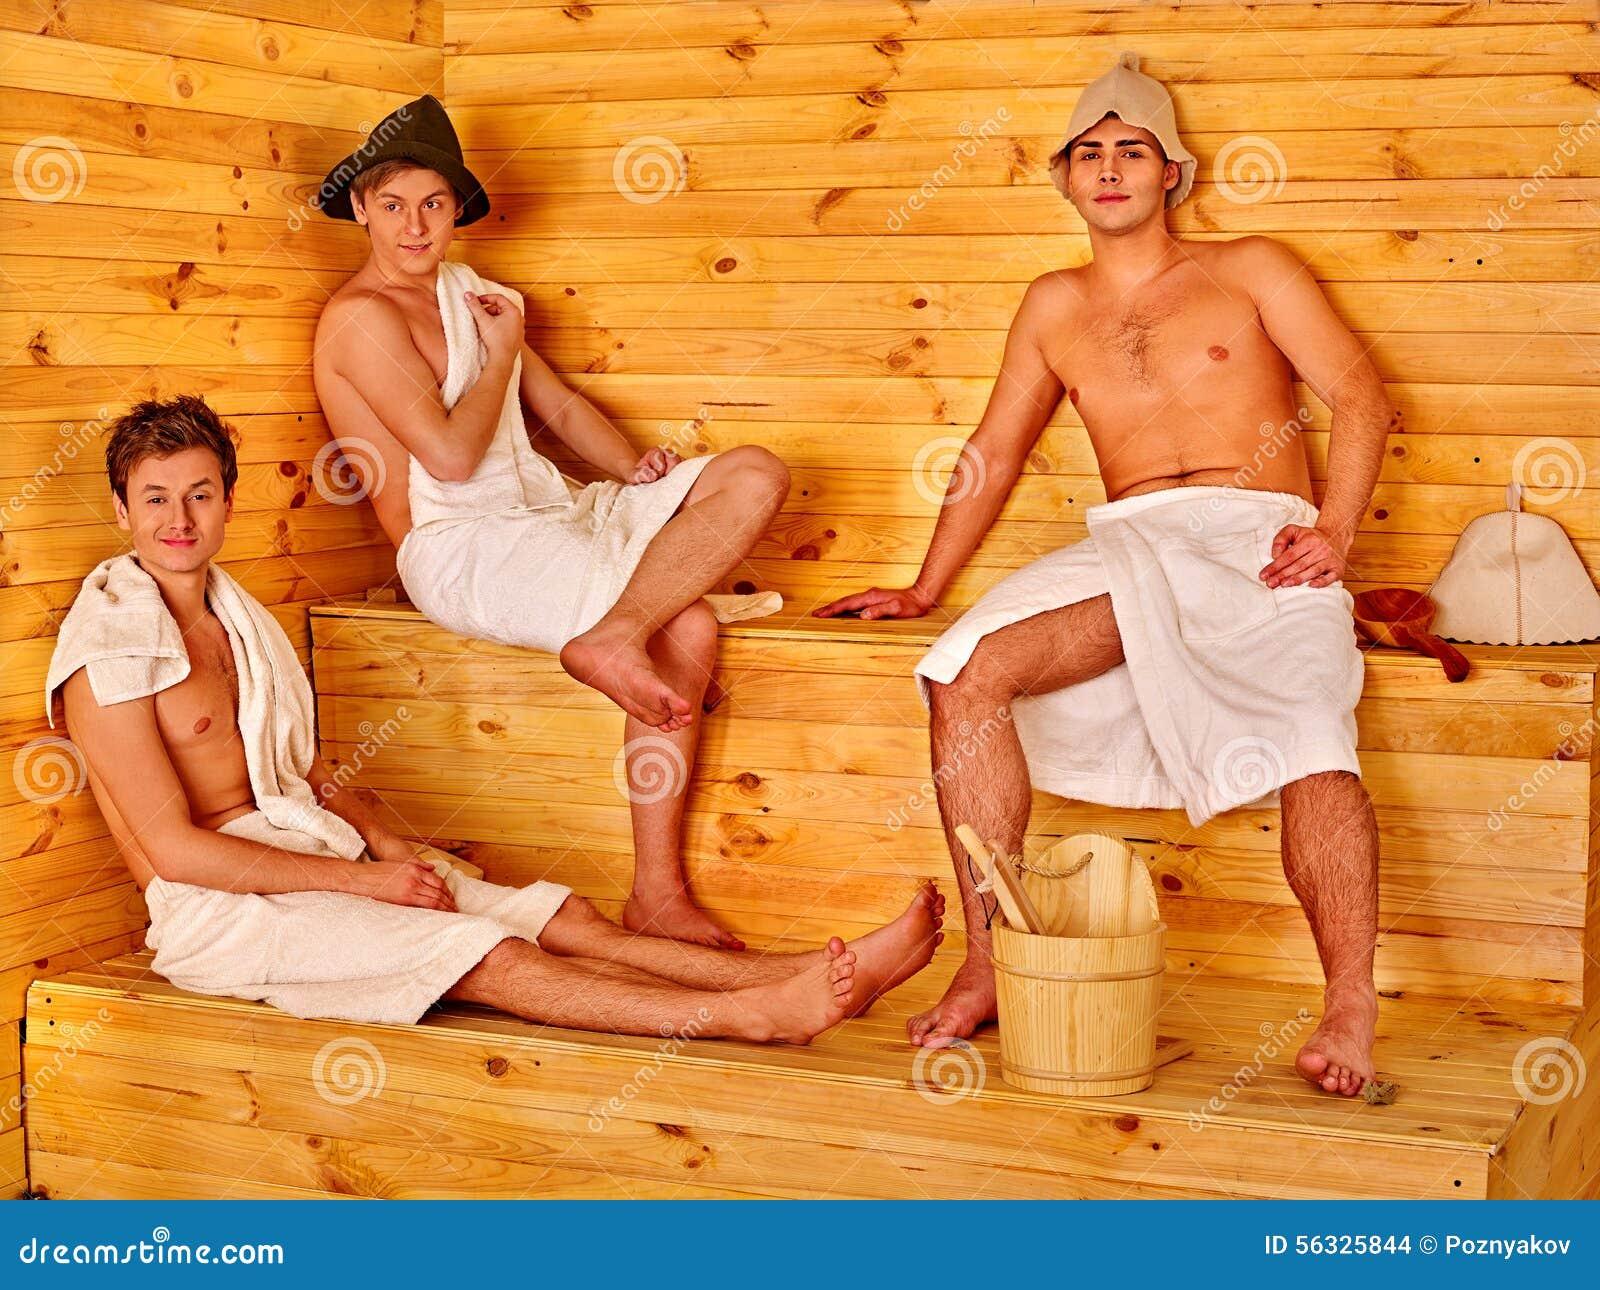 Рассказ секс в бане с друзьями, Порно рассказ: В первый раз с другом в бане 24 фотография